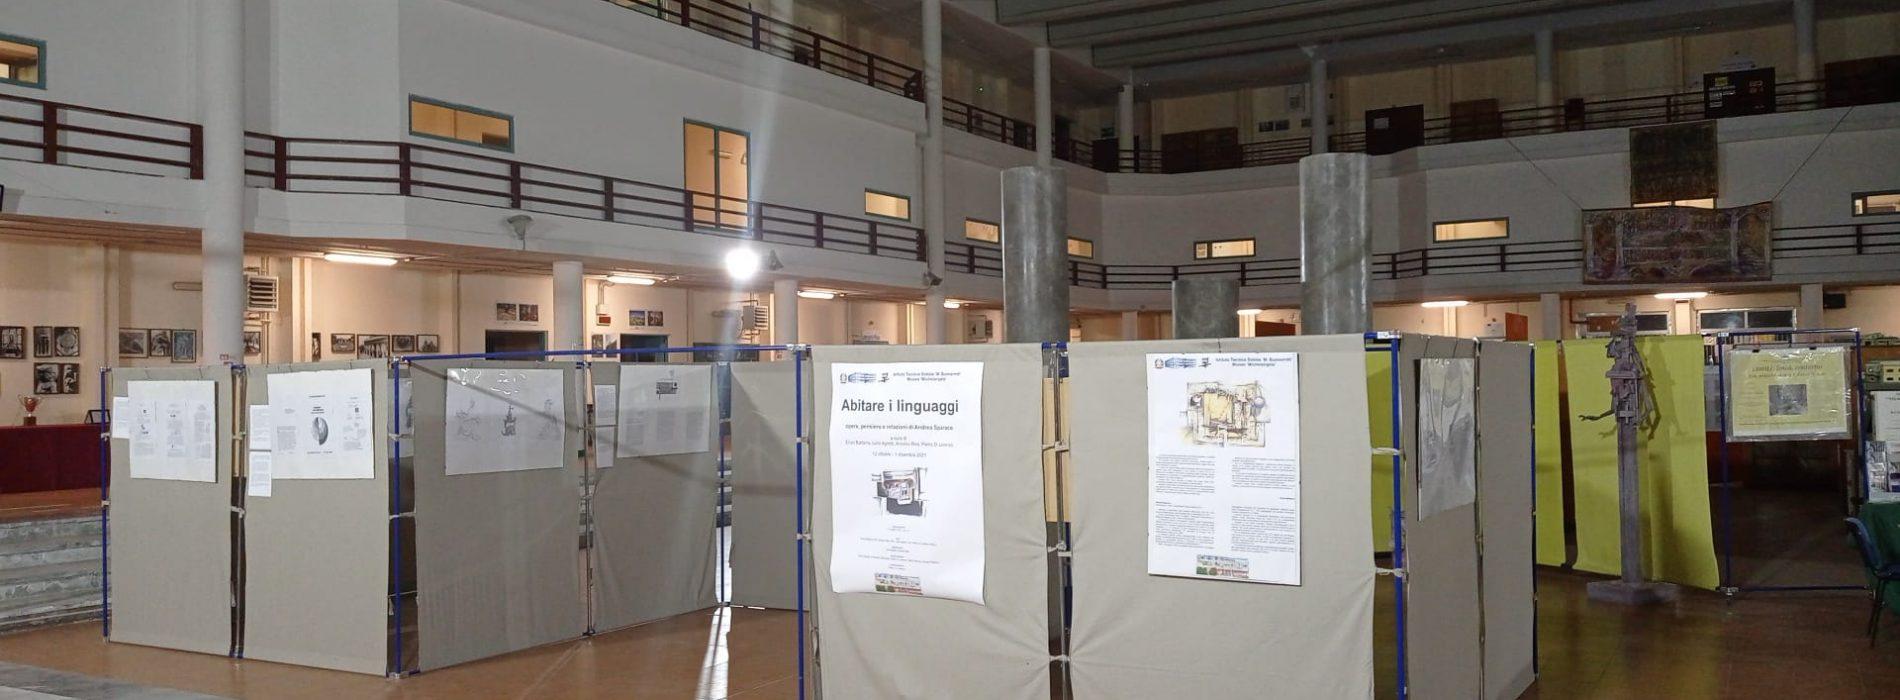 Il quartiere cambierà, fine del progetto al Museo Michelangelo